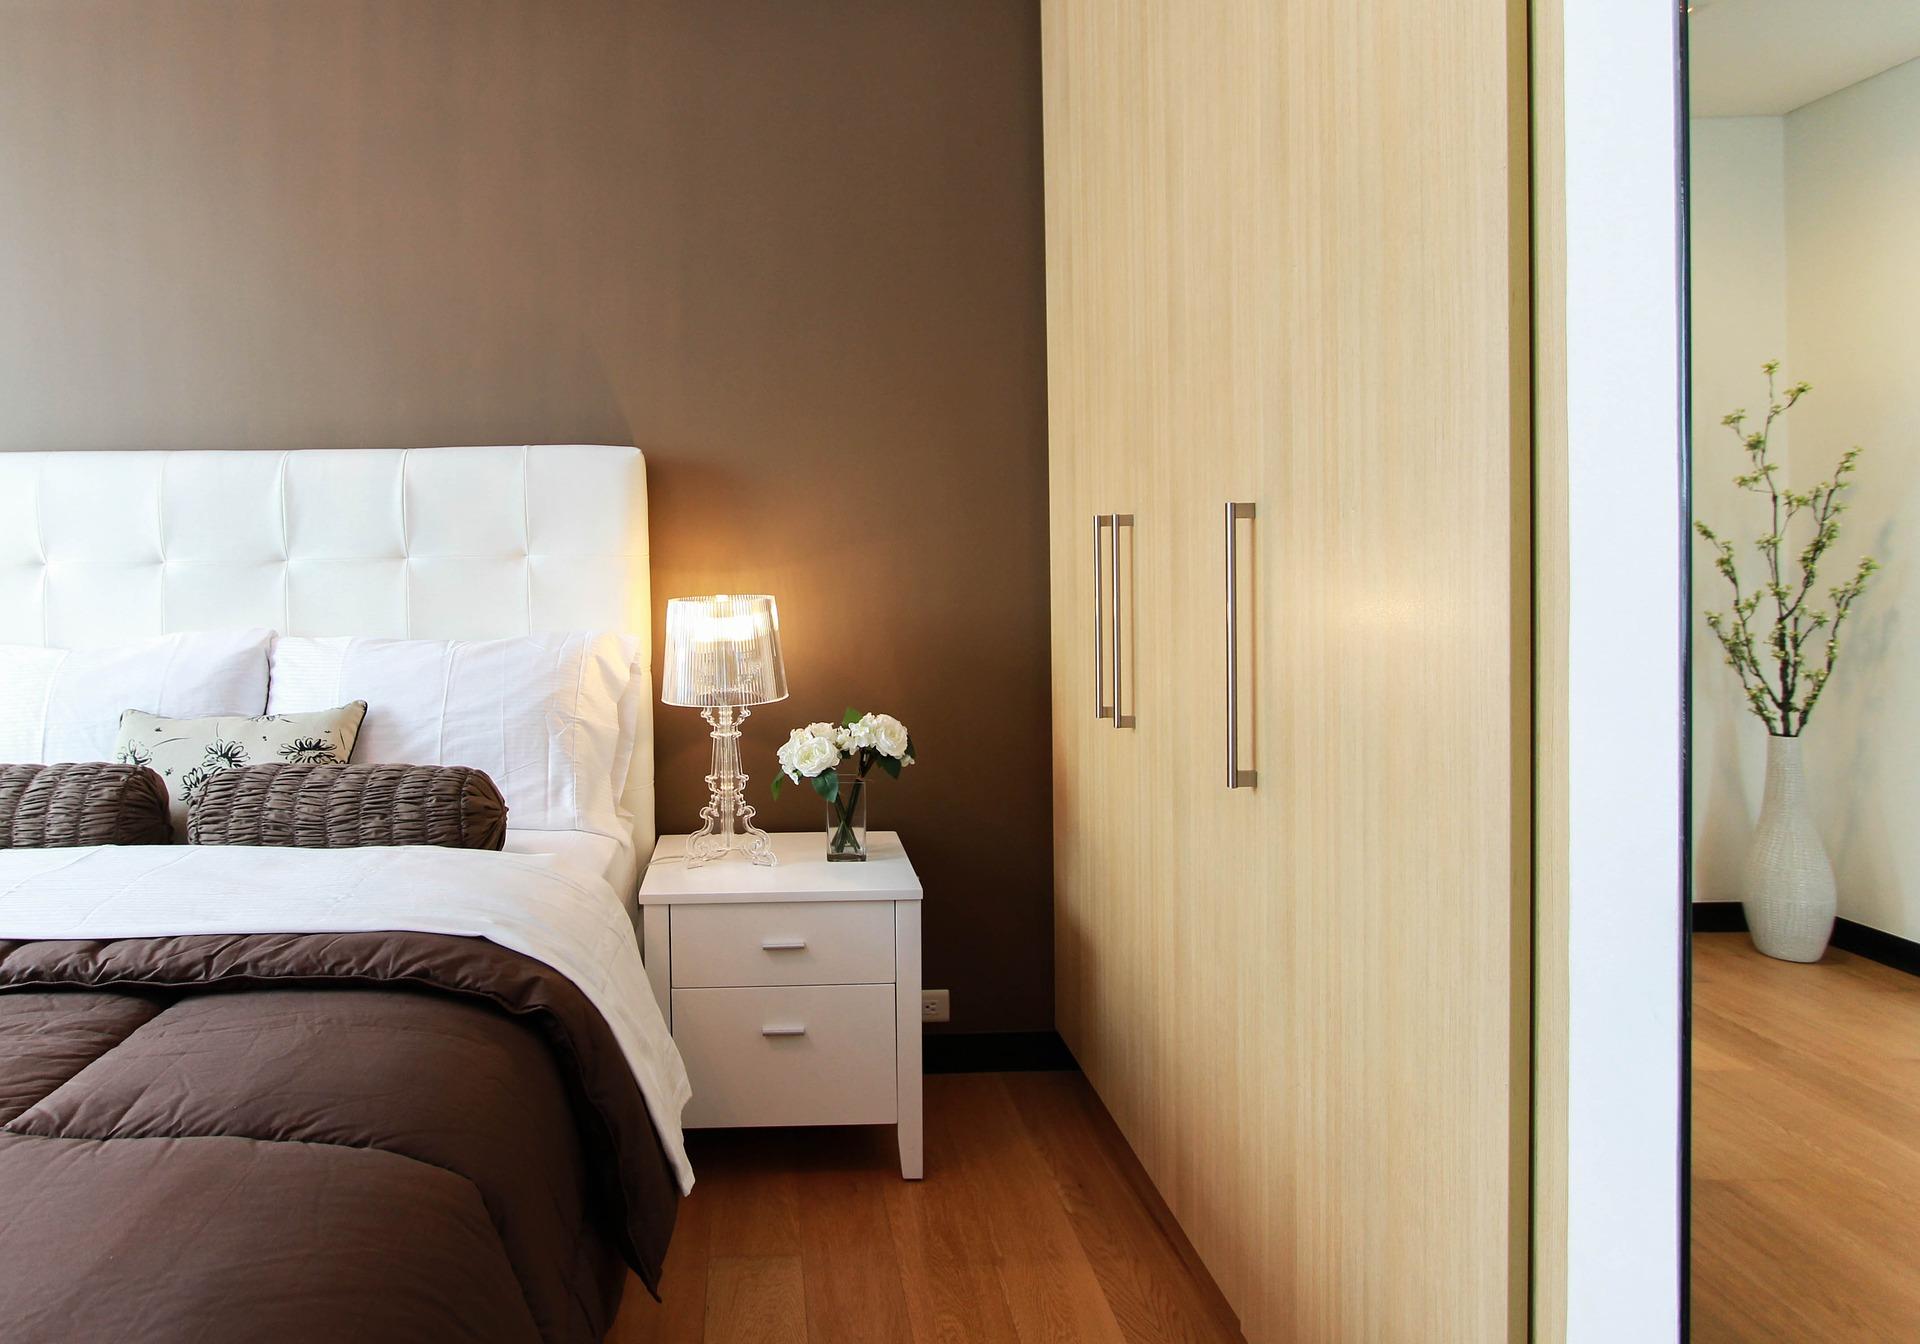 Tips om de slaapkamer sfeervol in te richten #slaapkamer #inrichten #interieur #styling